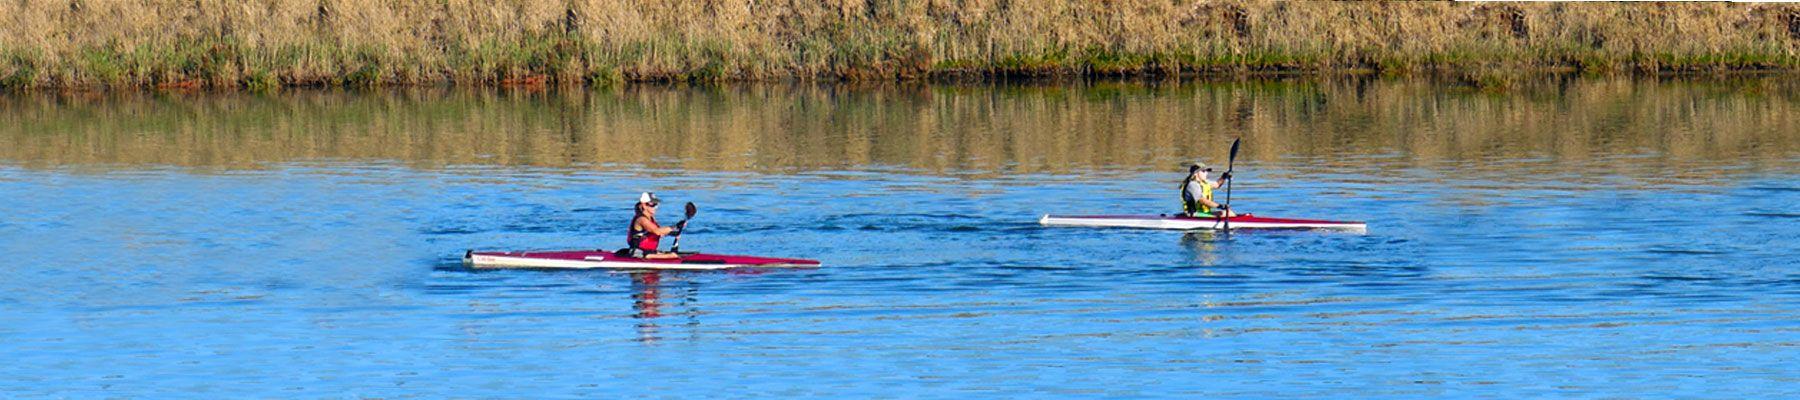 Firesail Kayak Paddles